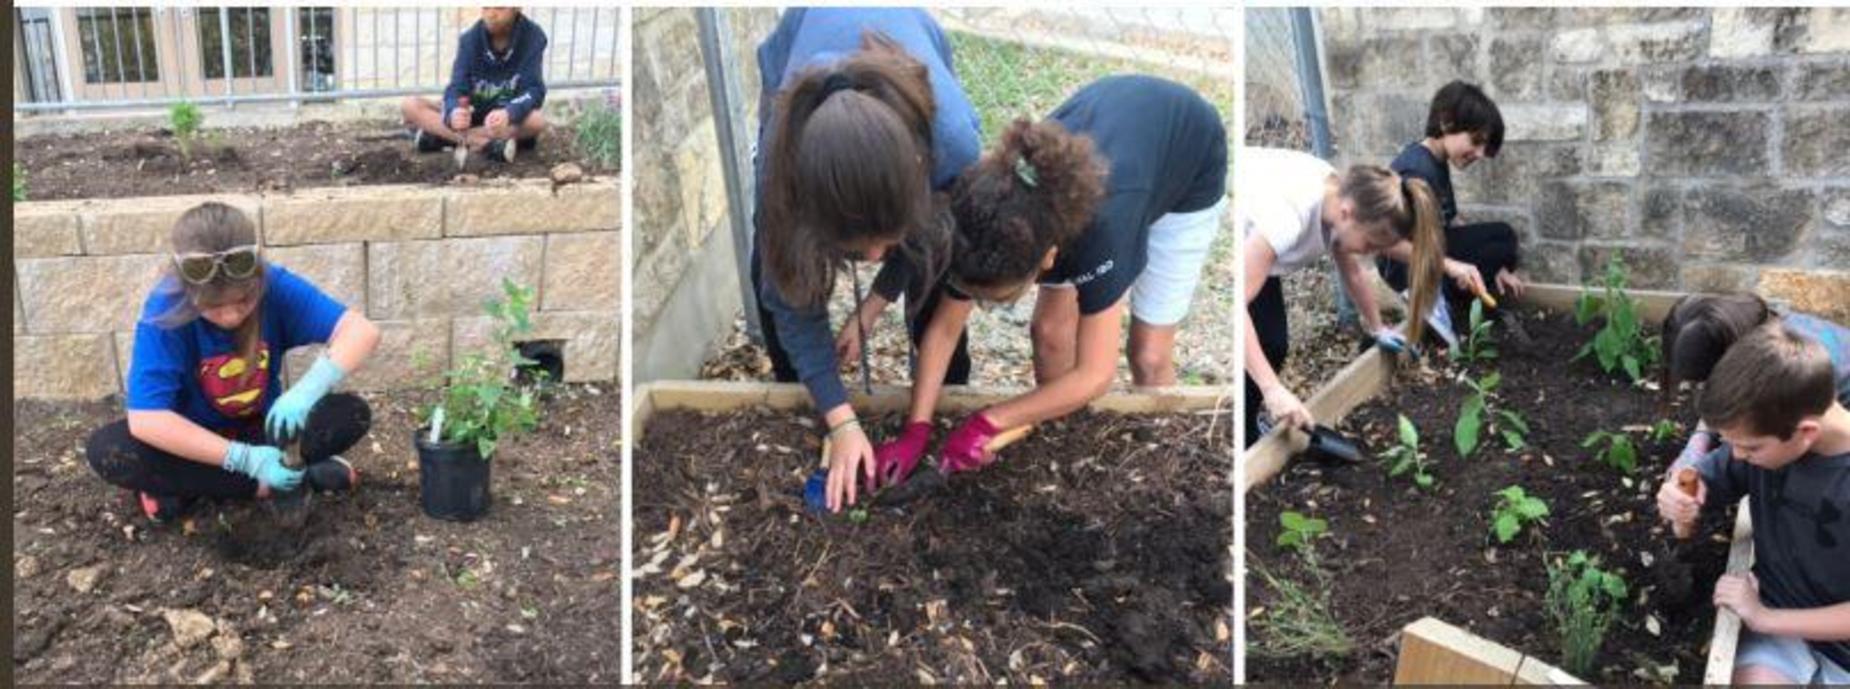 Students working in garden